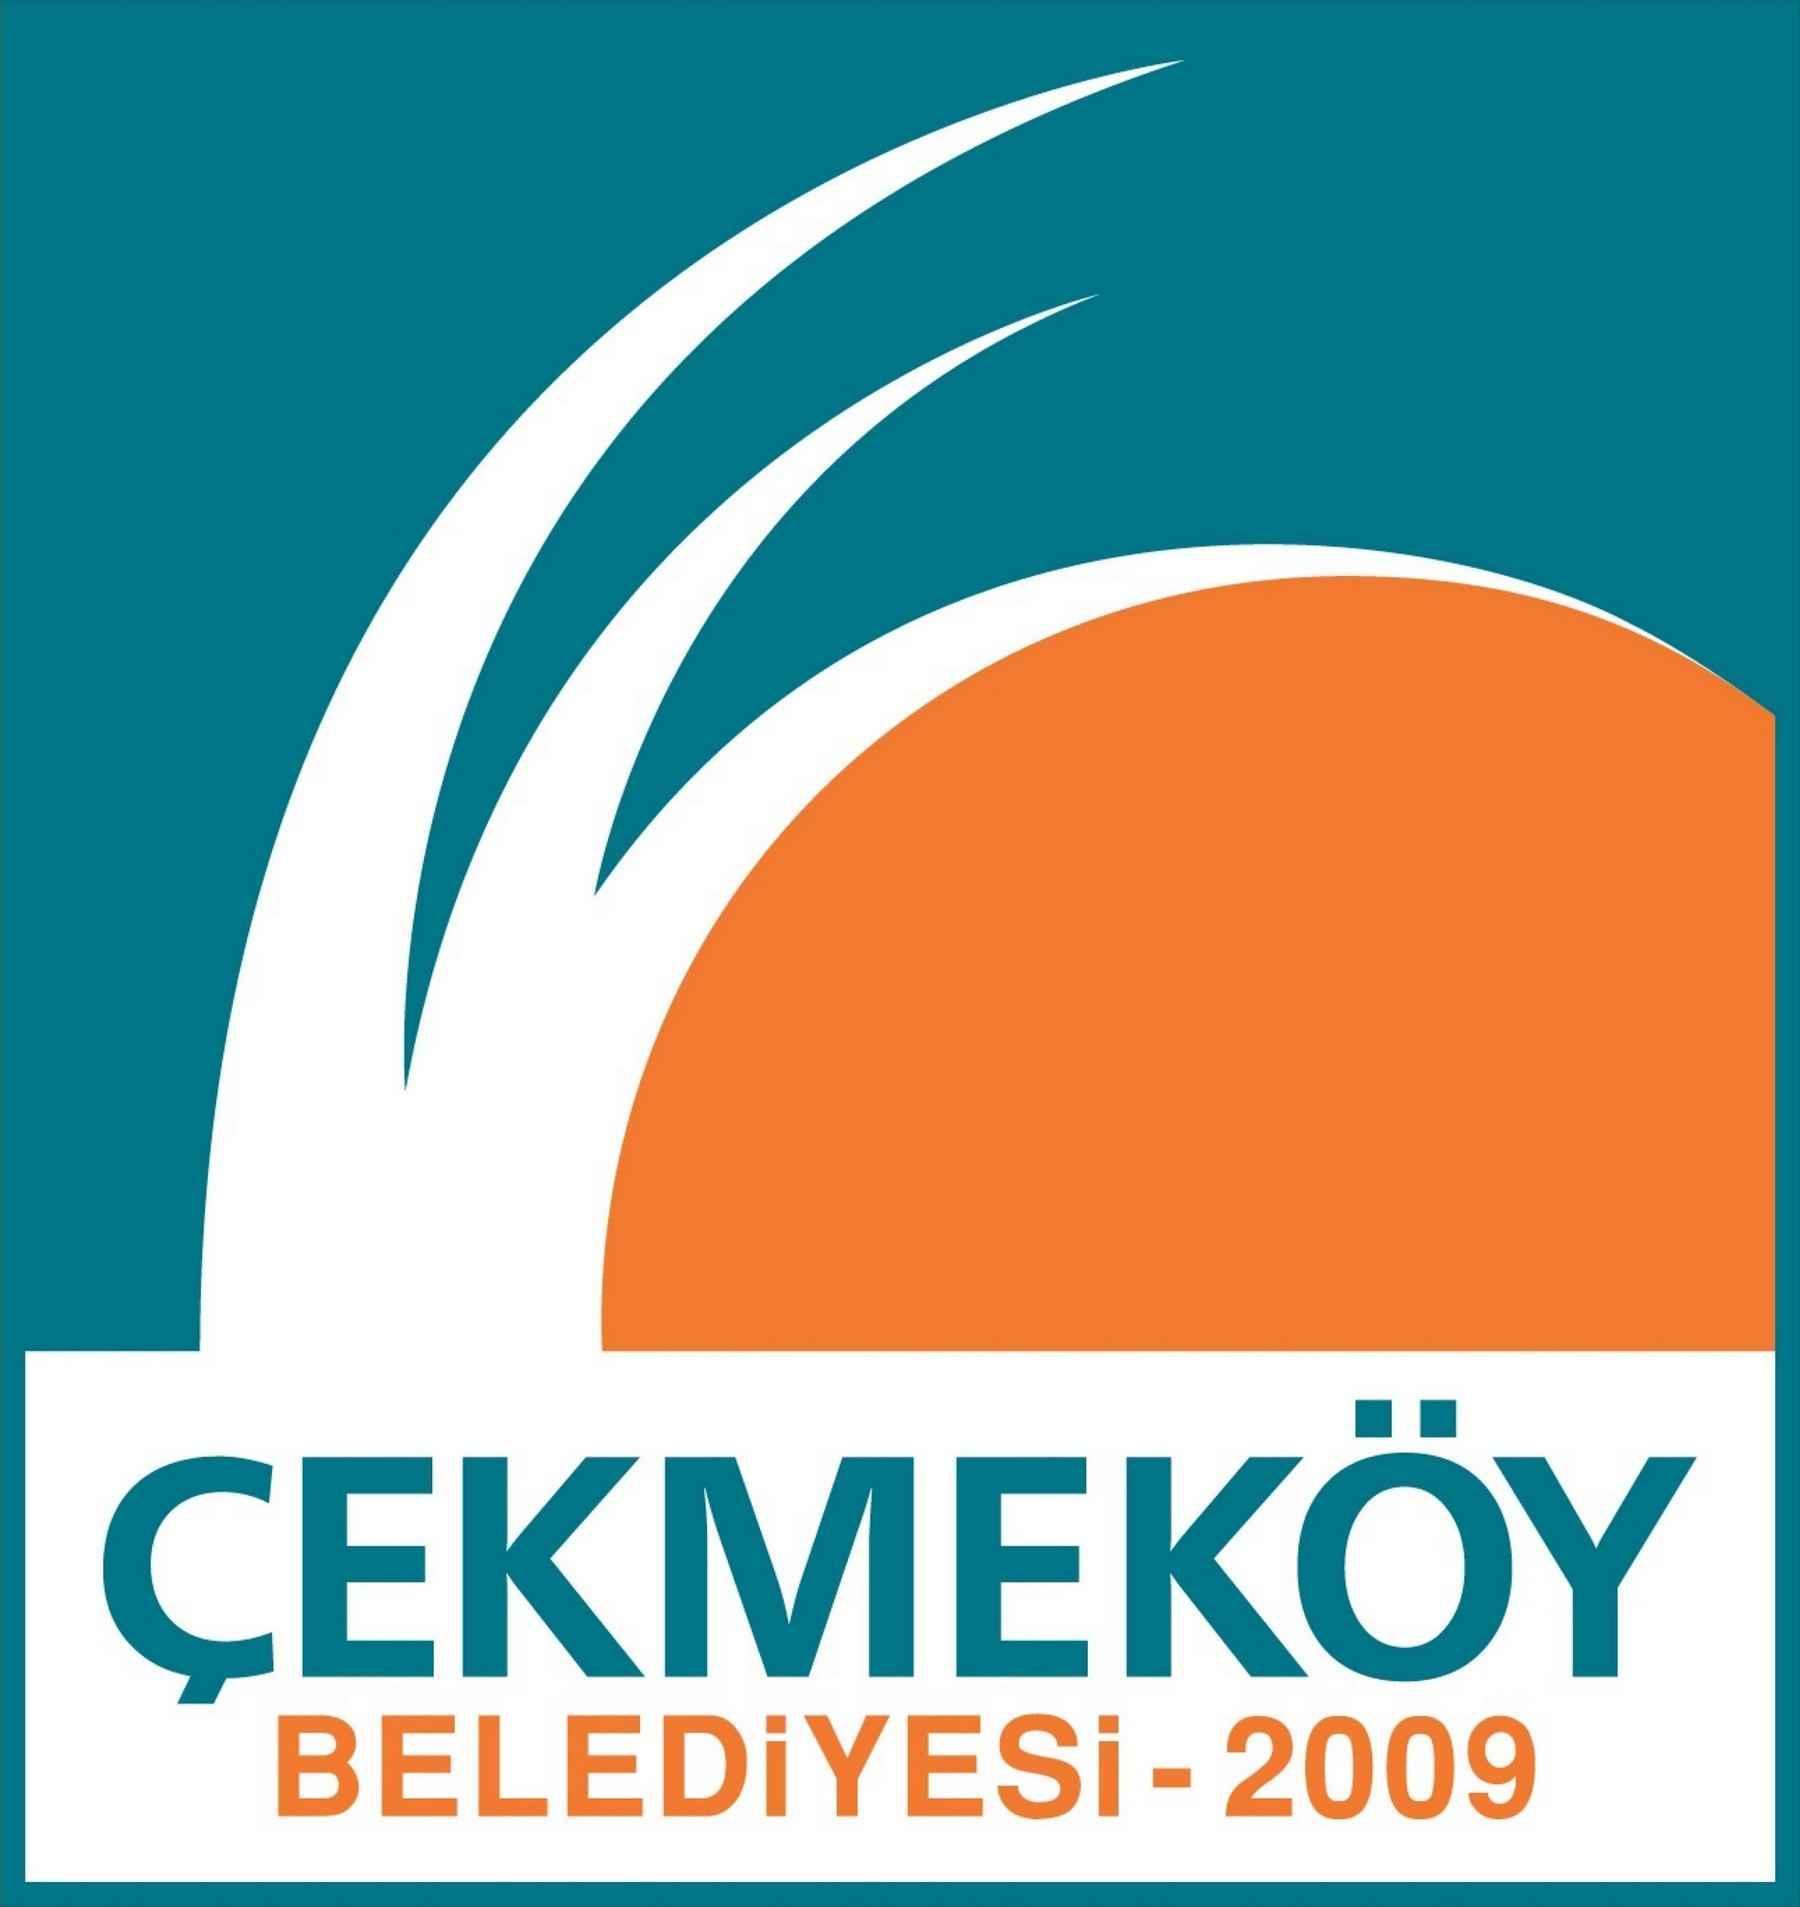 Çekmeköy Belediyesi Logosu [cekmekoy.bel.tr] png